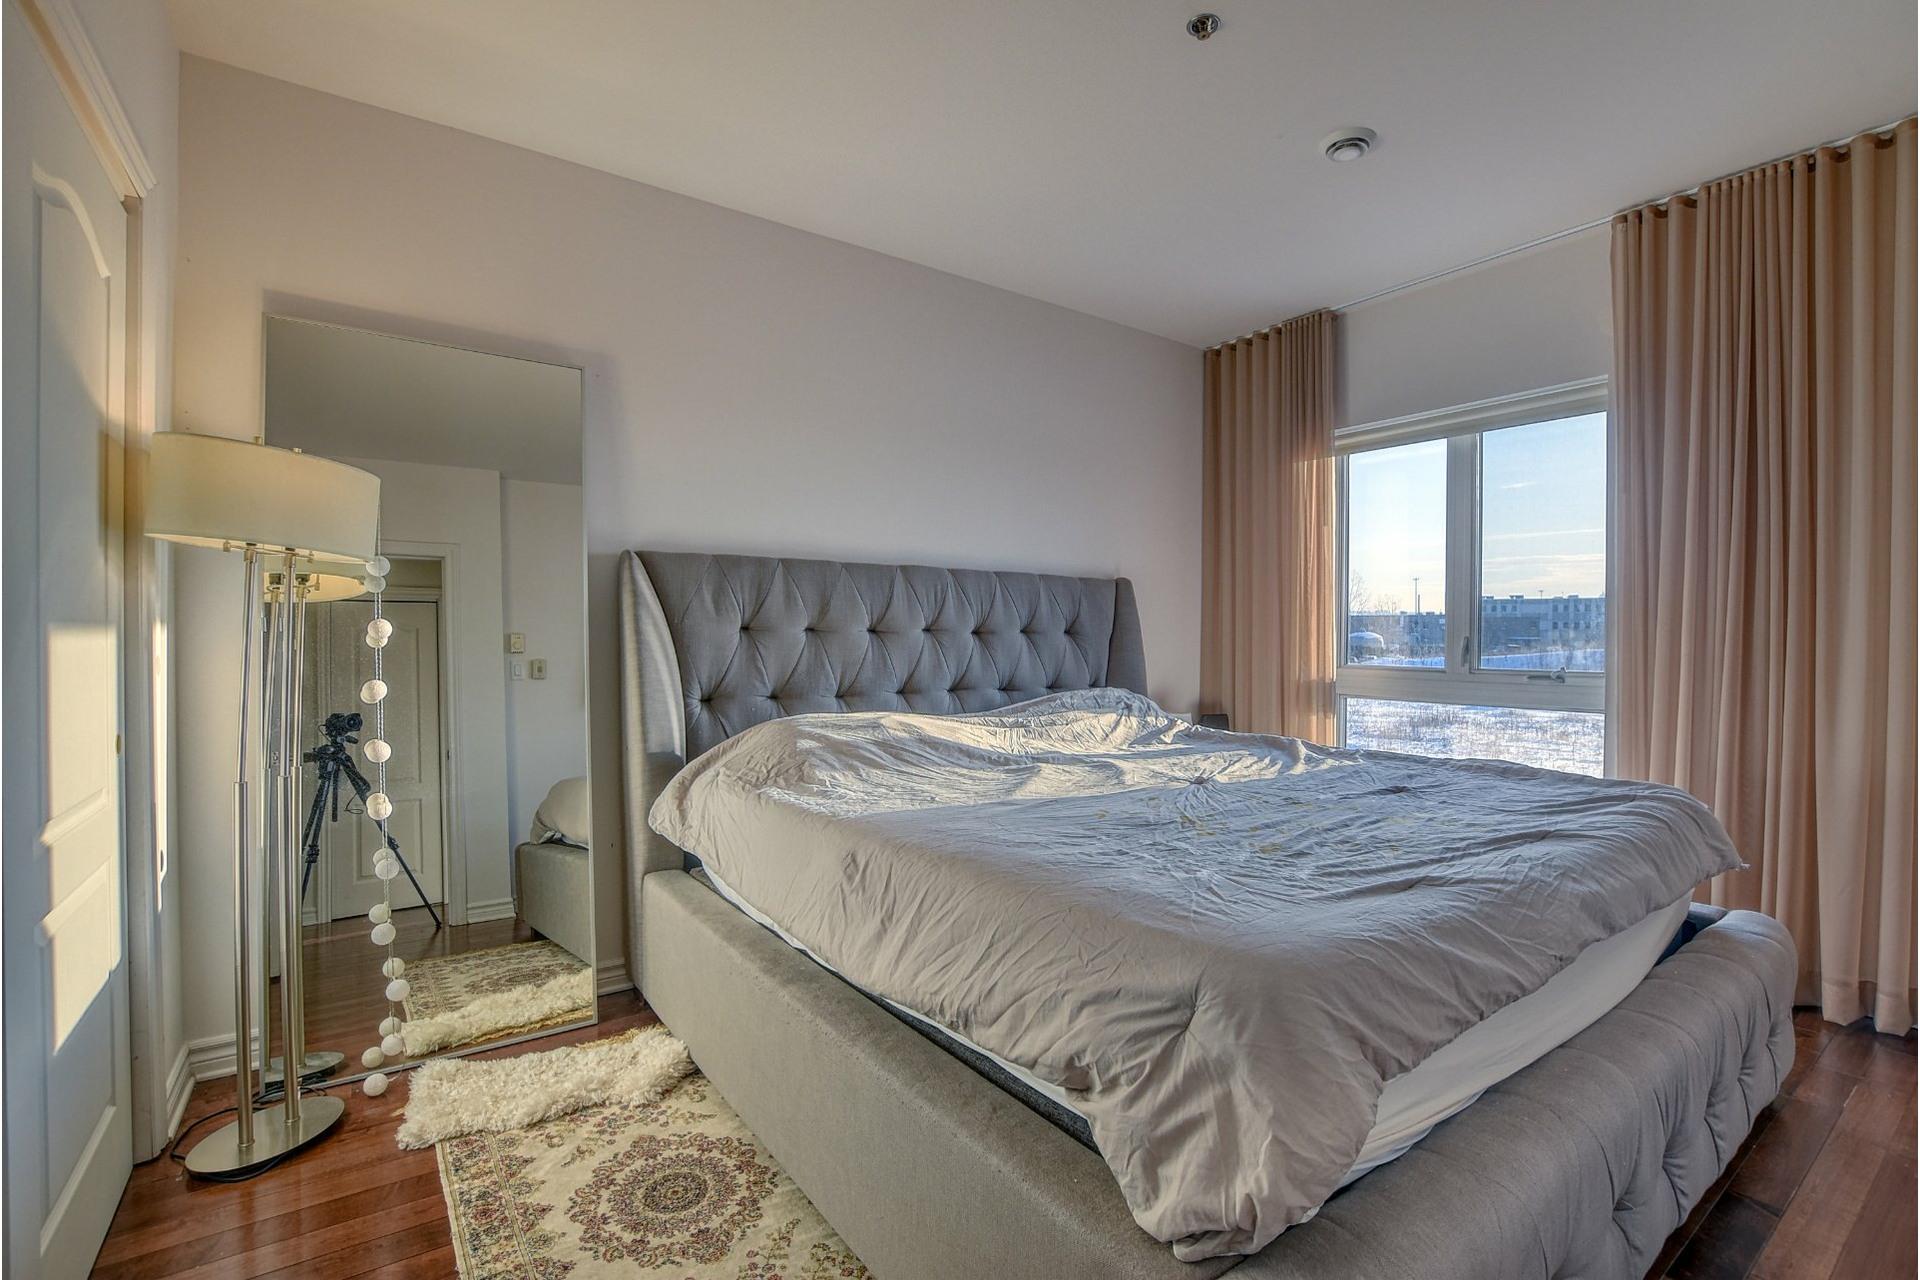 image 13 - Apartment For sale Saint-Laurent Montréal  - 7 rooms